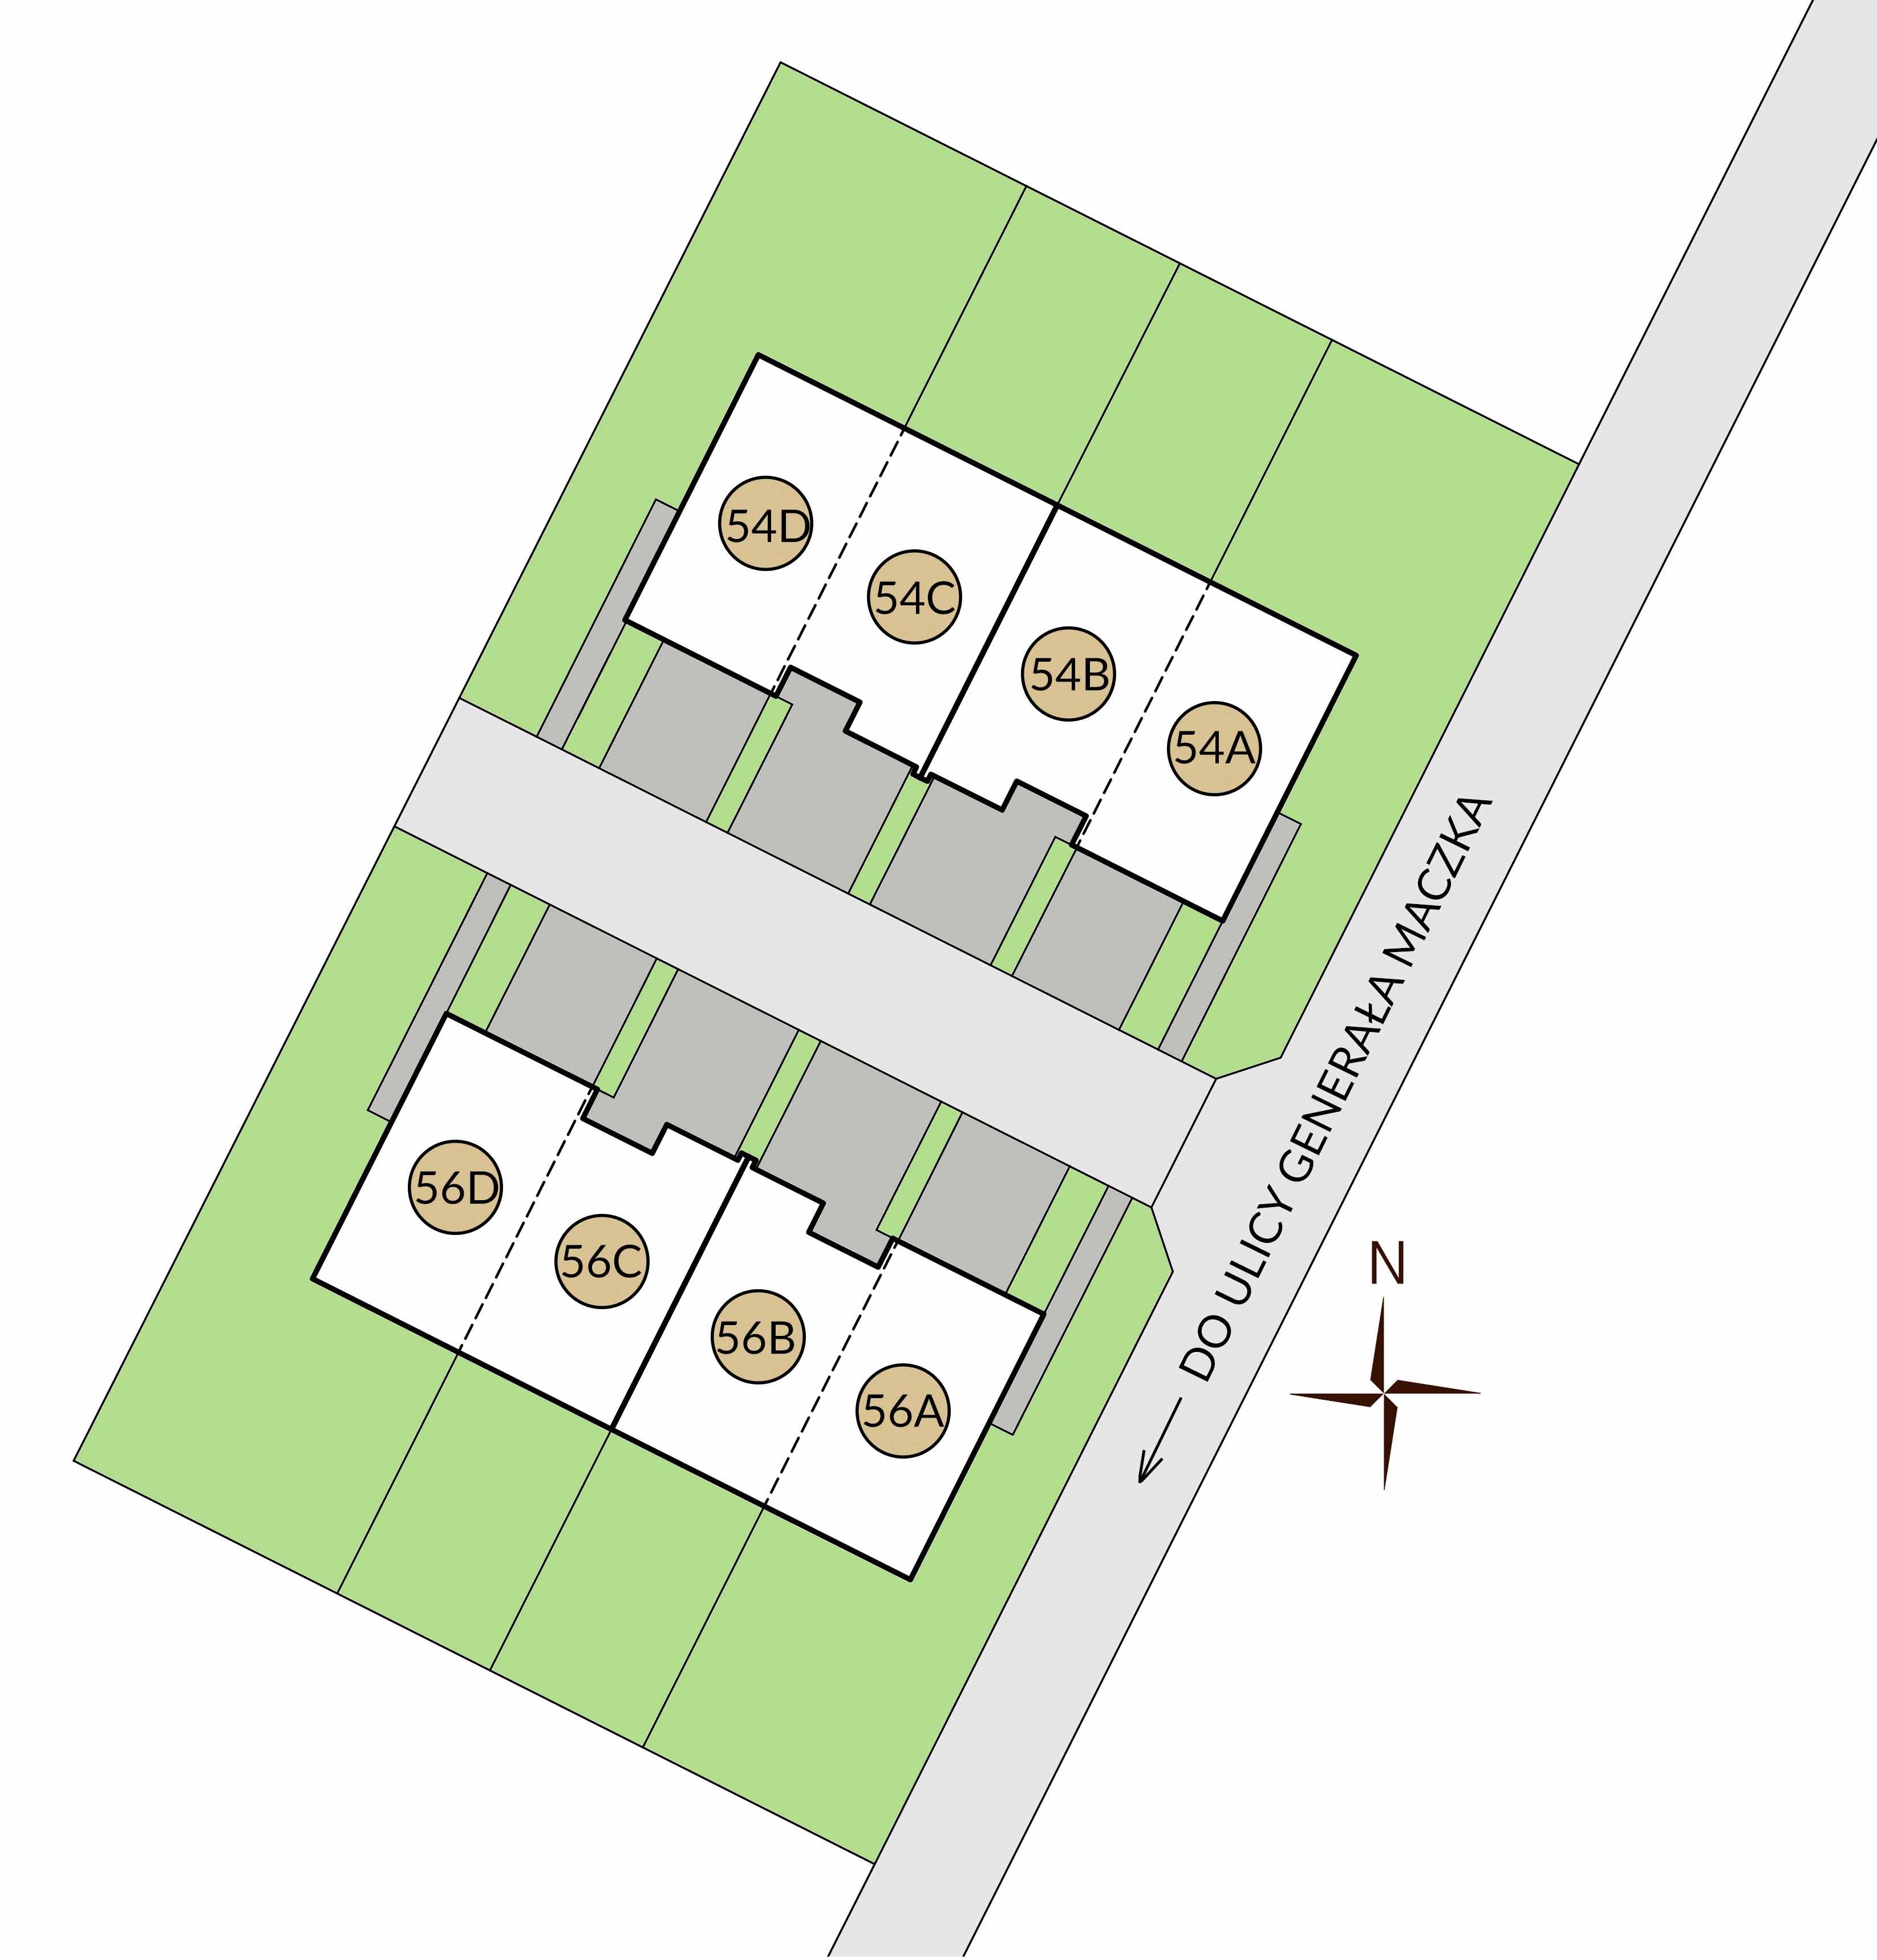 PZT Janow do kart mapa